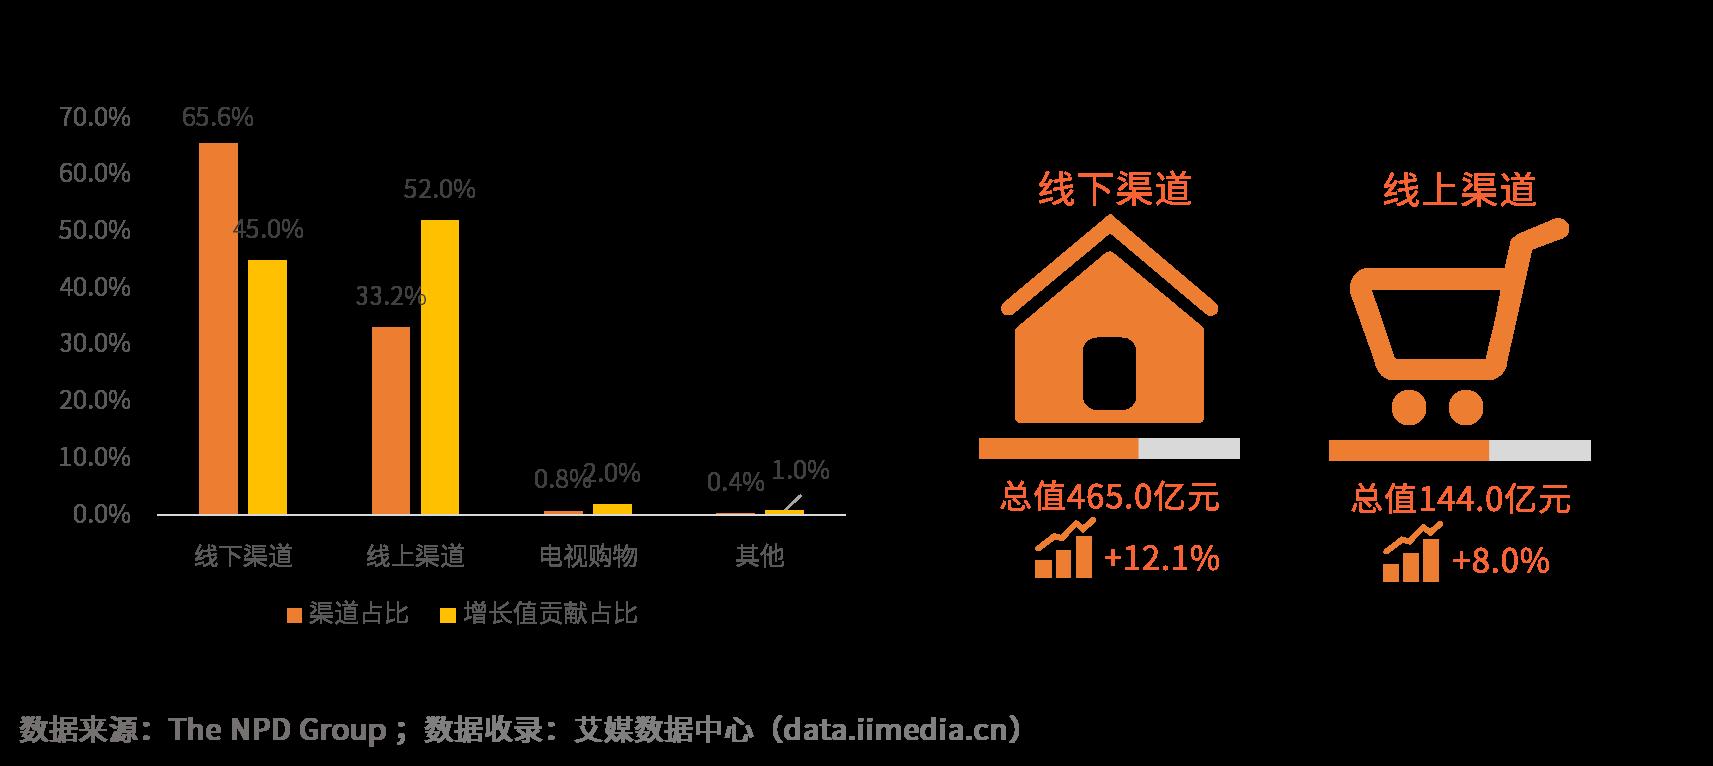 2019年全球及中国球鞋二级市场资本动向及典型APP分析